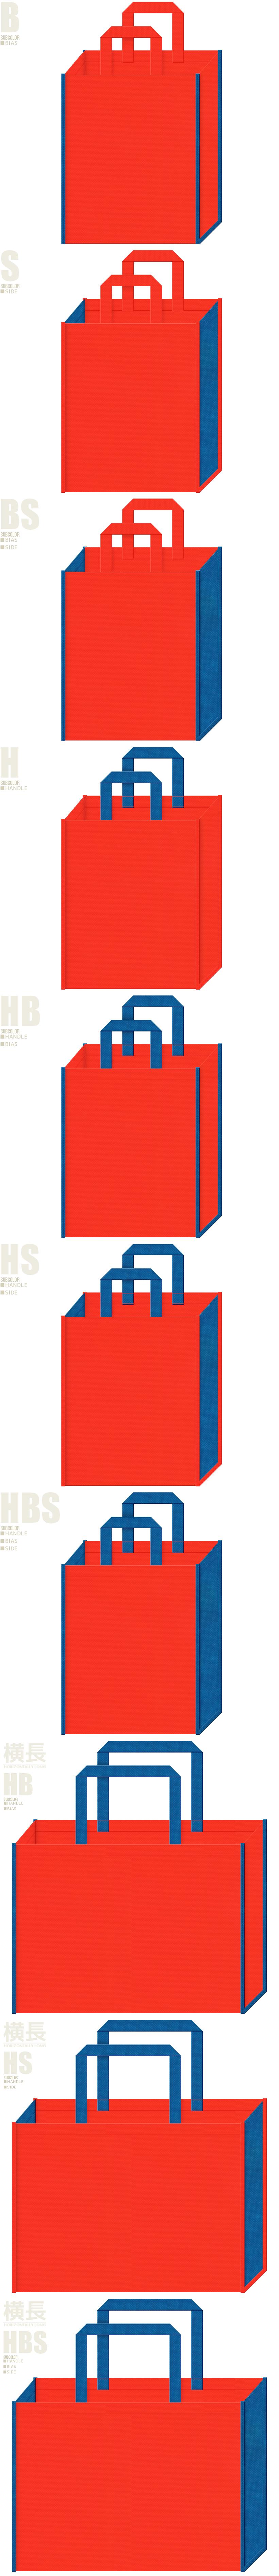 アミューズメント・テーマパーク・おもちゃ・キッズイベントにお奨めの不織布バッグのデザイン:オレンジ色と青色の配色7パターン